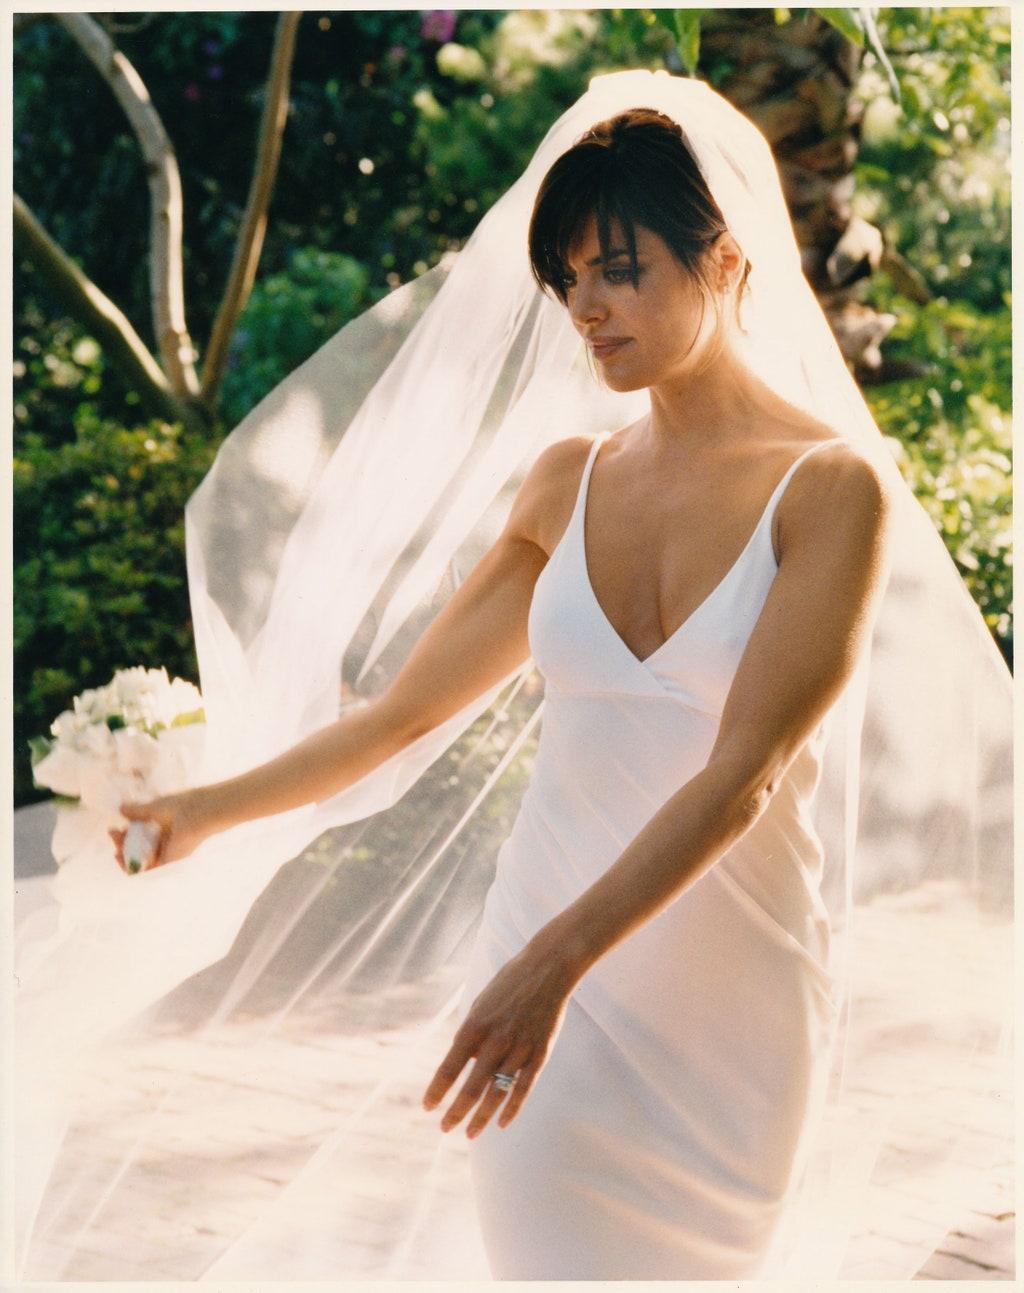 Lisa Rinna színésznő (Melrose Place)  ruhája